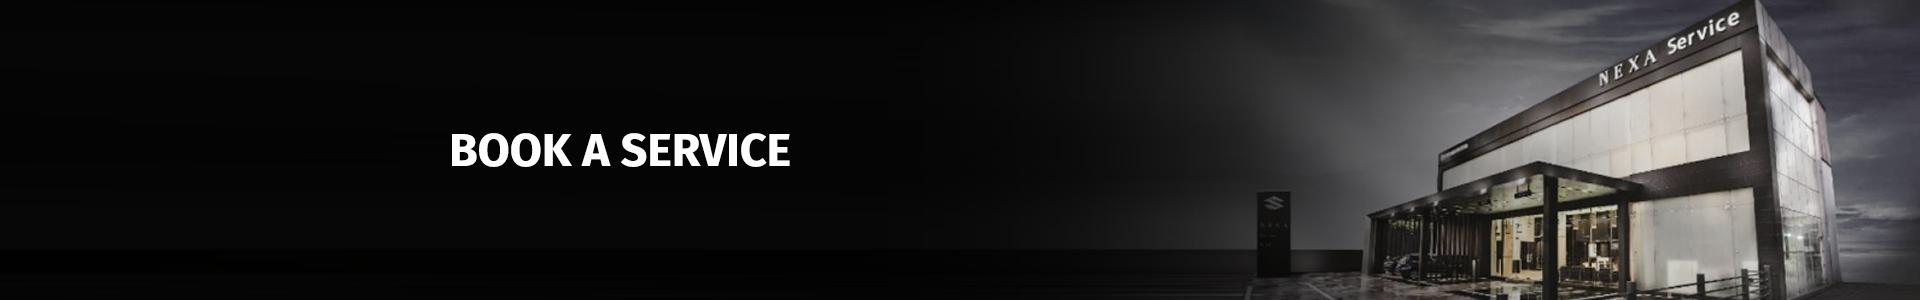 Saboo-RKS-Motor-Festive-Season-Service-Offer-Arena-Website